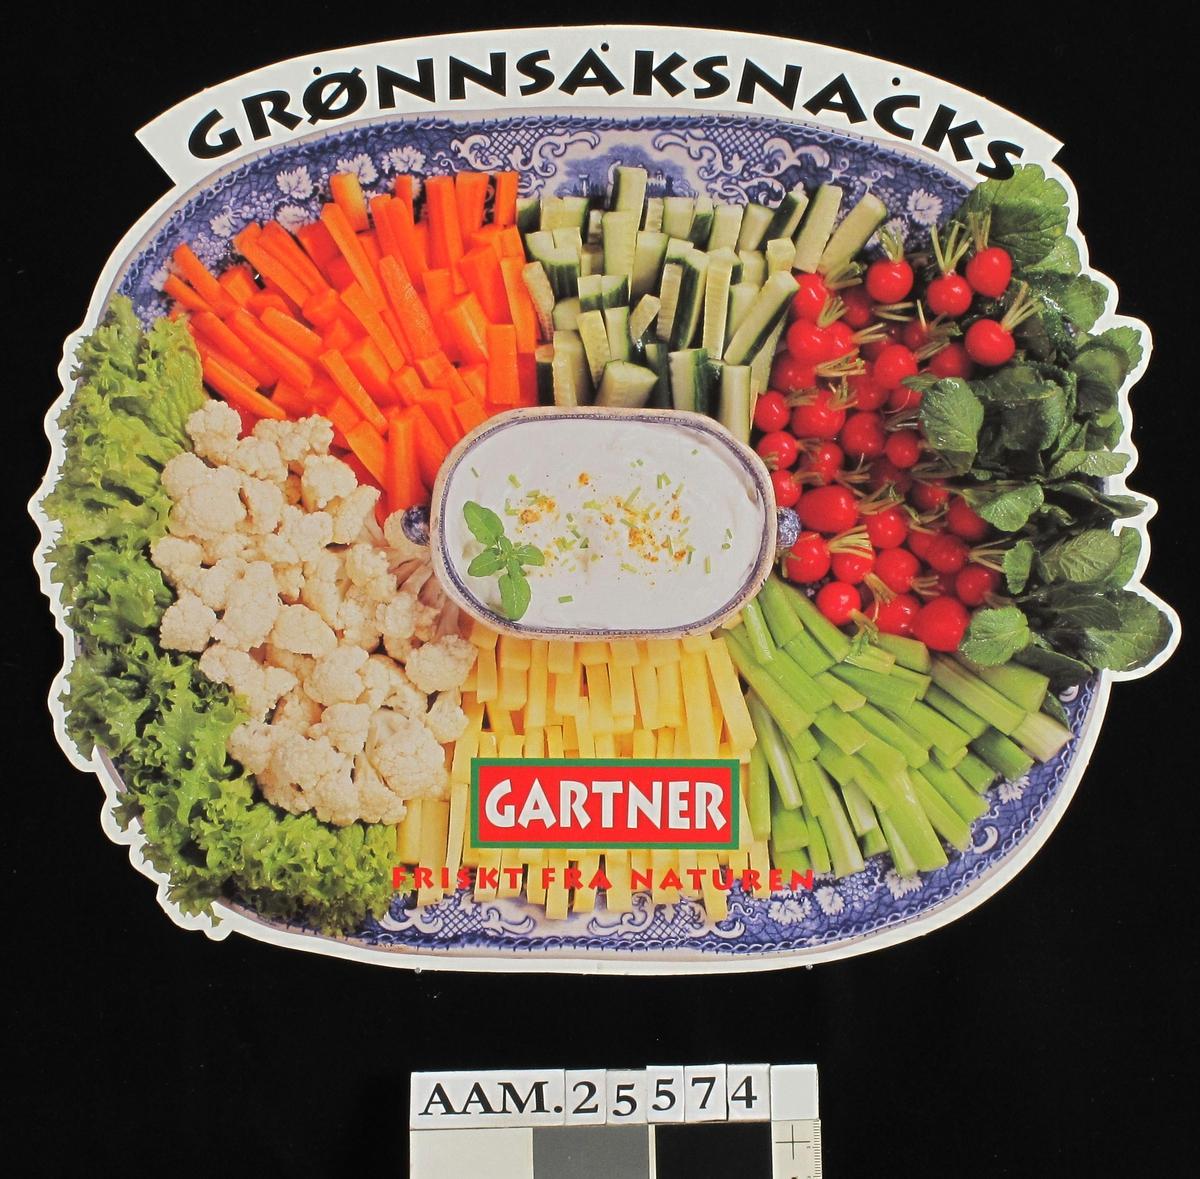 Fat med oppskrårne rå grønnsaker, dressing i midten.